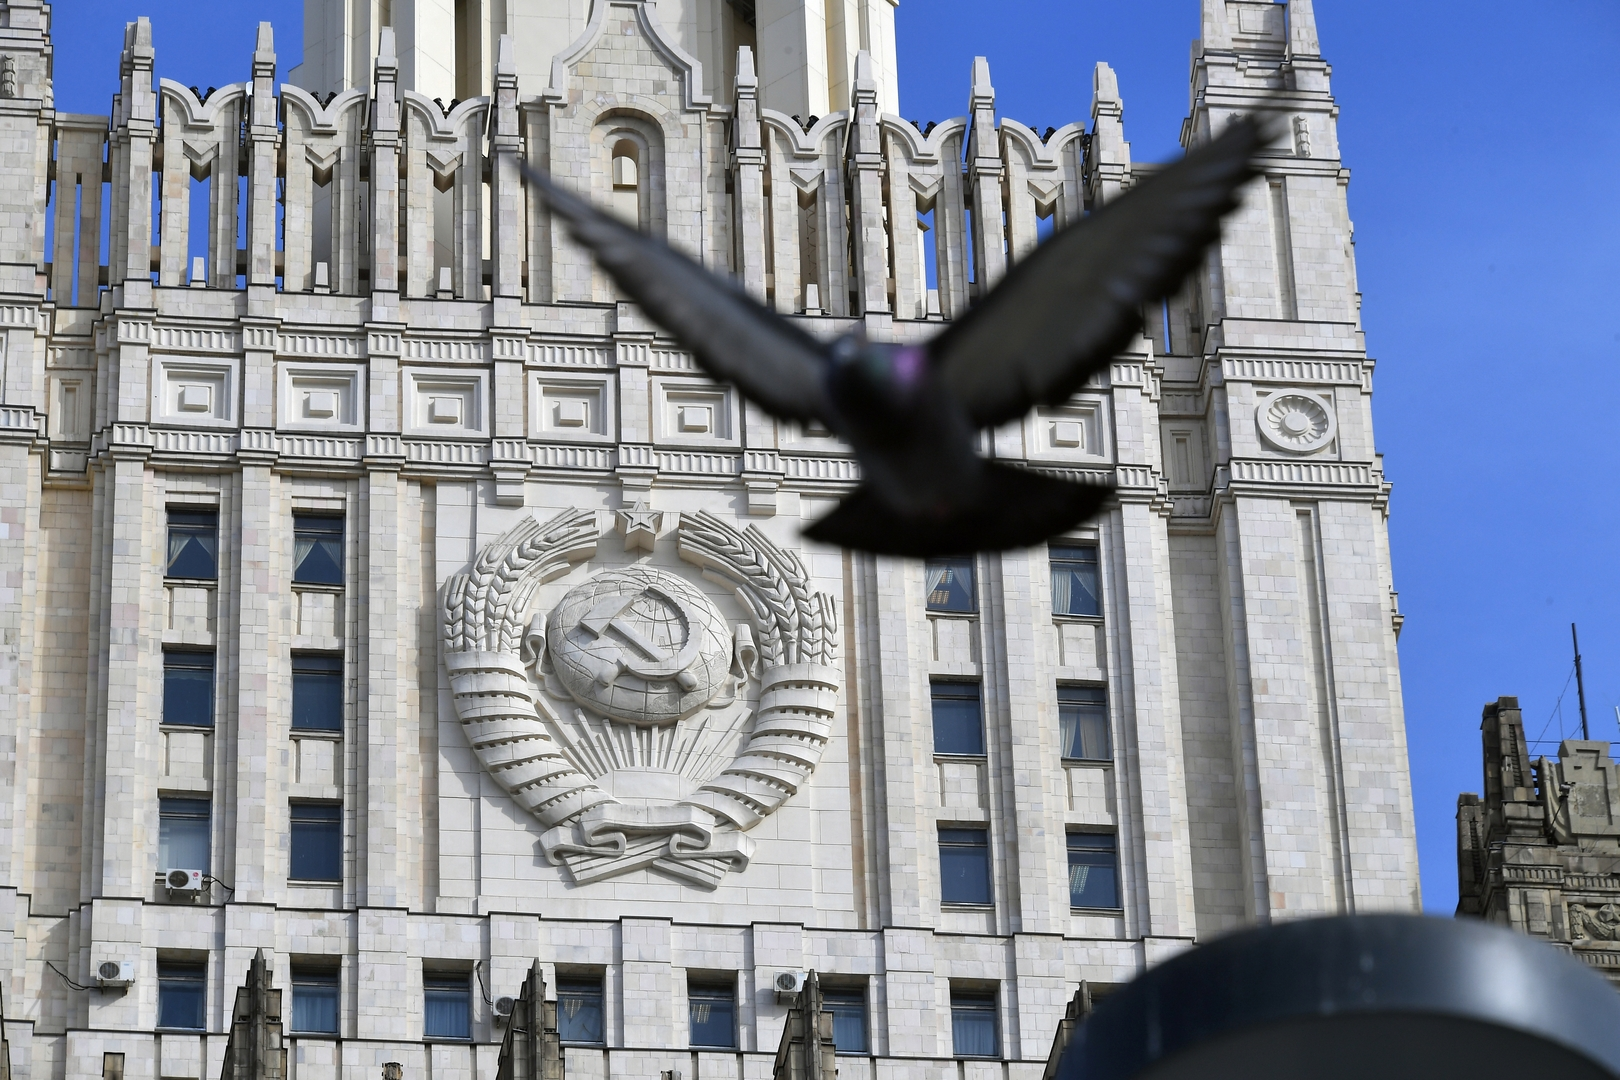 موسكو: قلقون إزاء الترويج للنهج المسيس والتلاعب بالحقائق في تقييم أحداث النزاع اليوغوسلافي